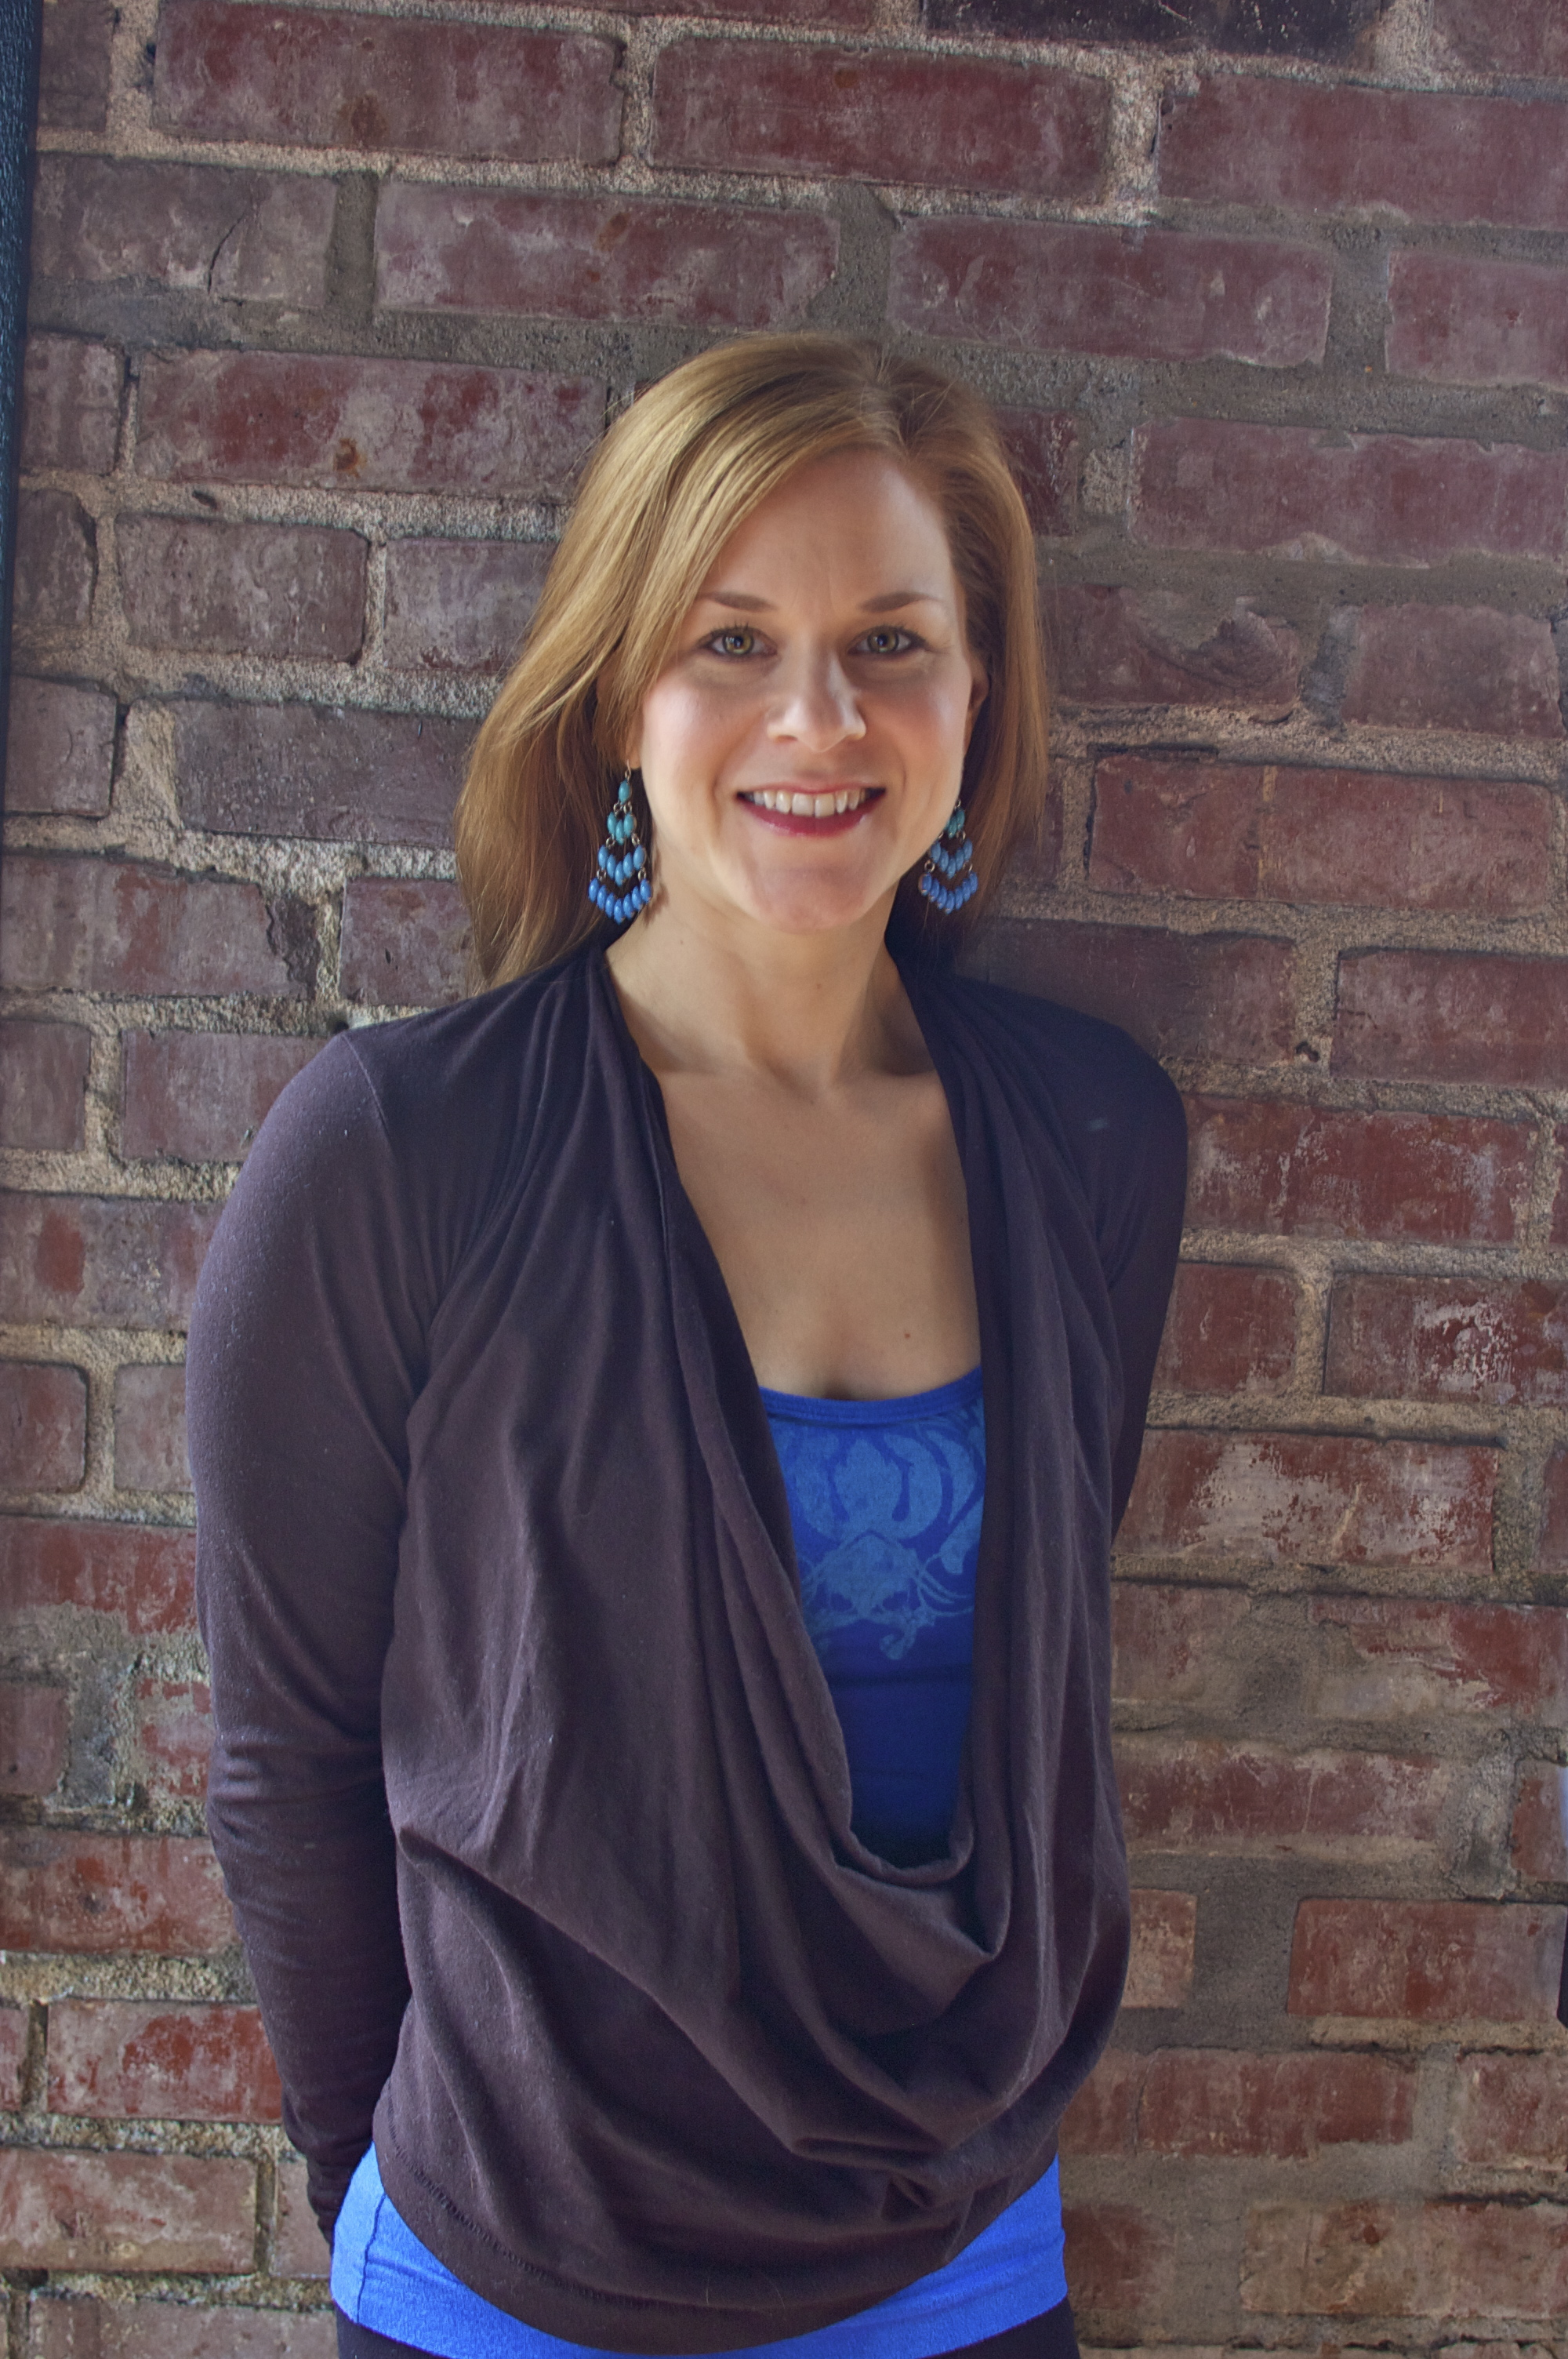 Michelle Brannan